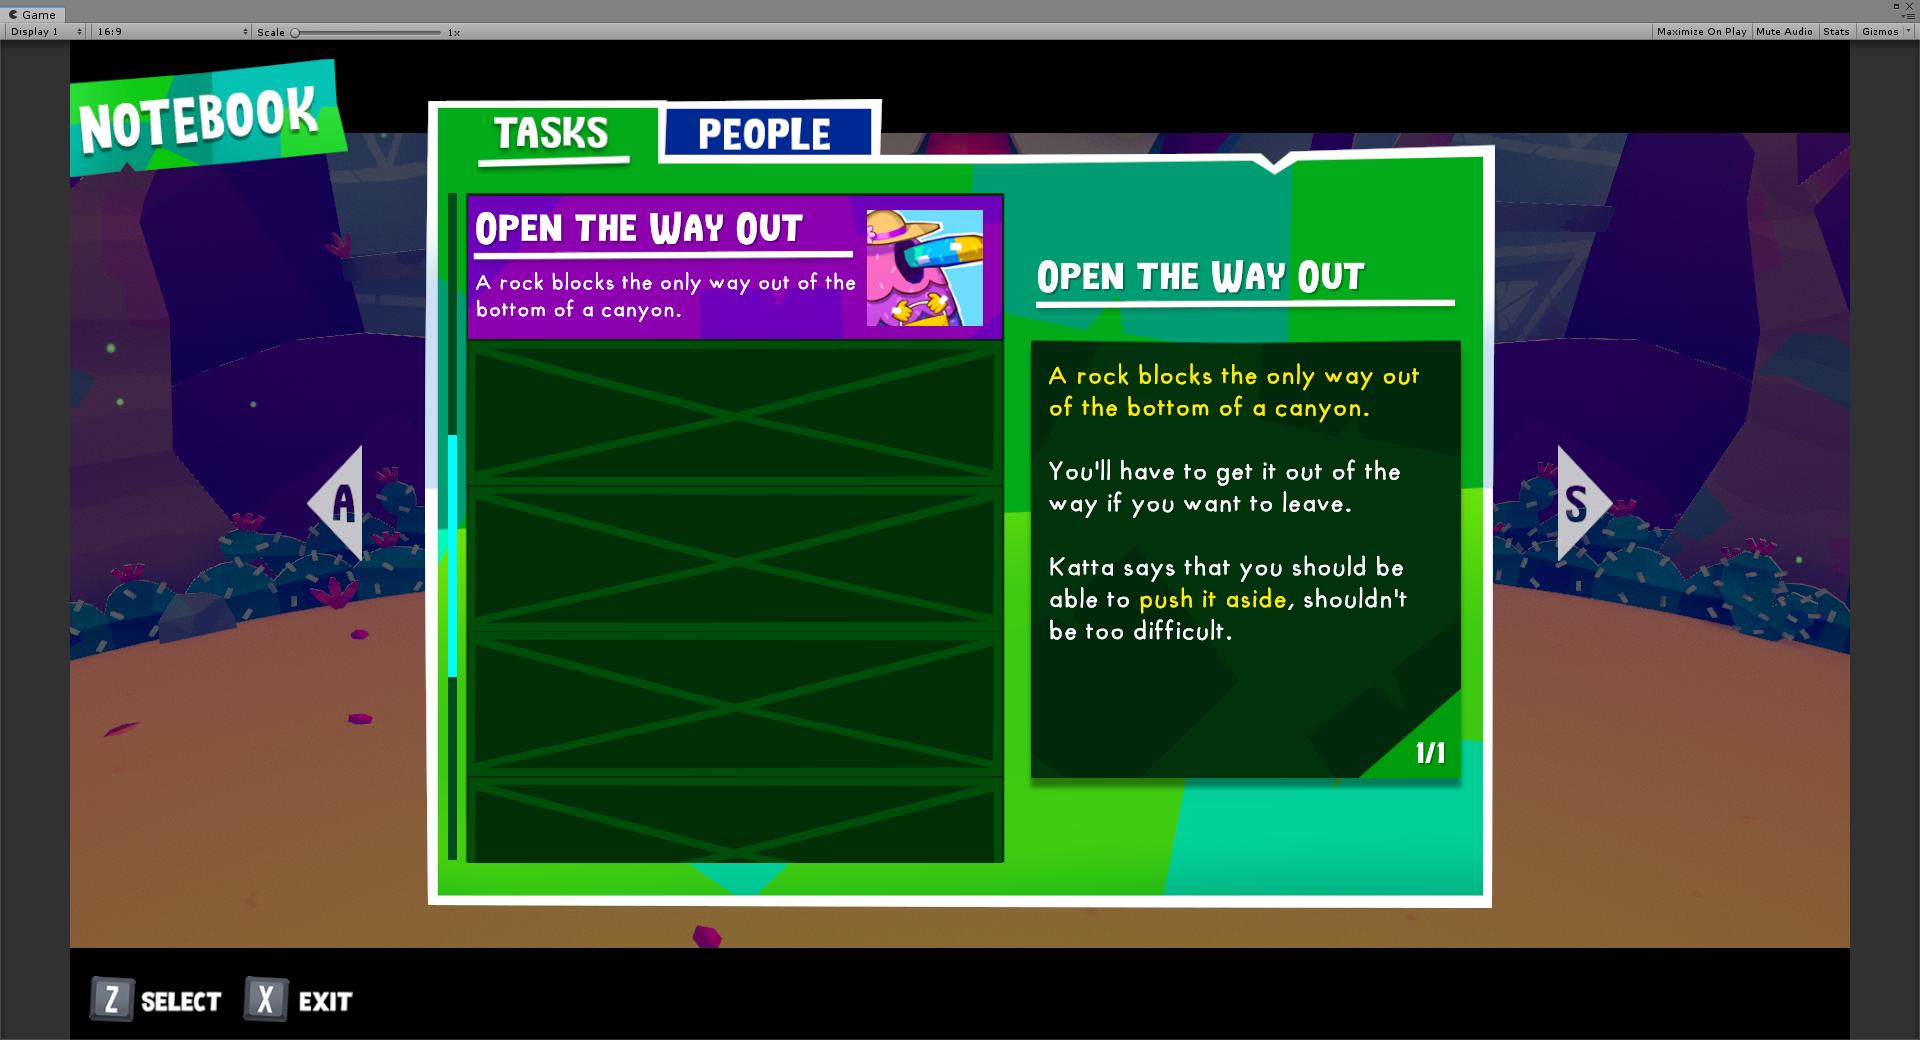 Notebook task menu